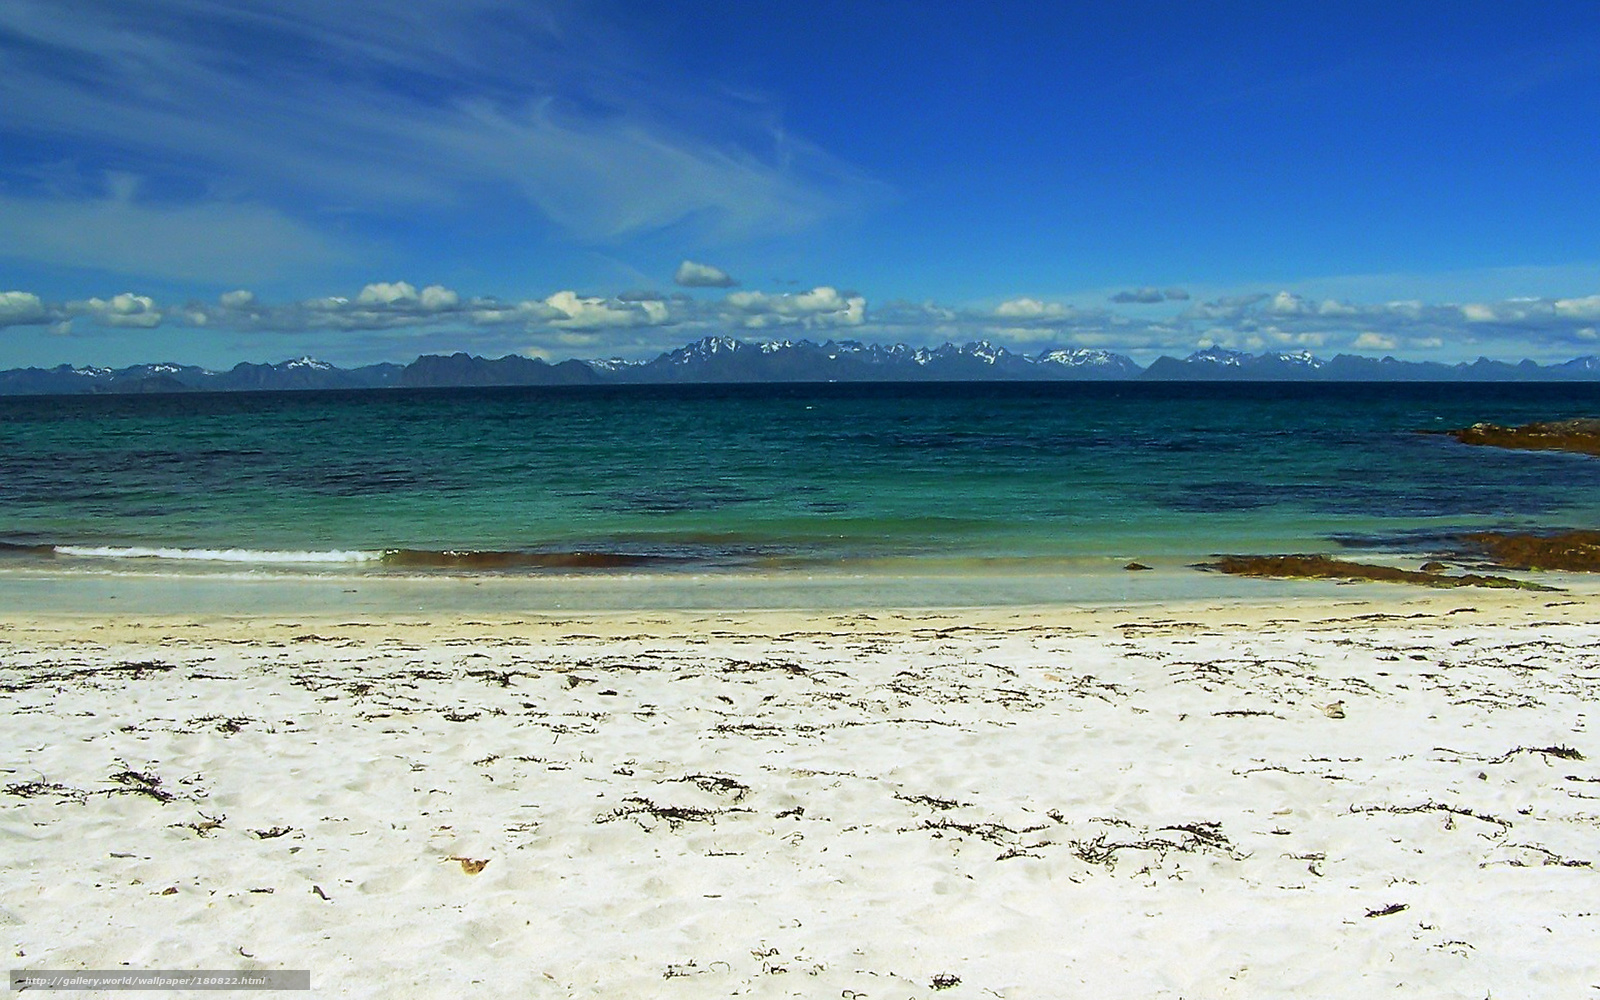 scaricare gli sfondi estate spiaggia mare sfondi gratis